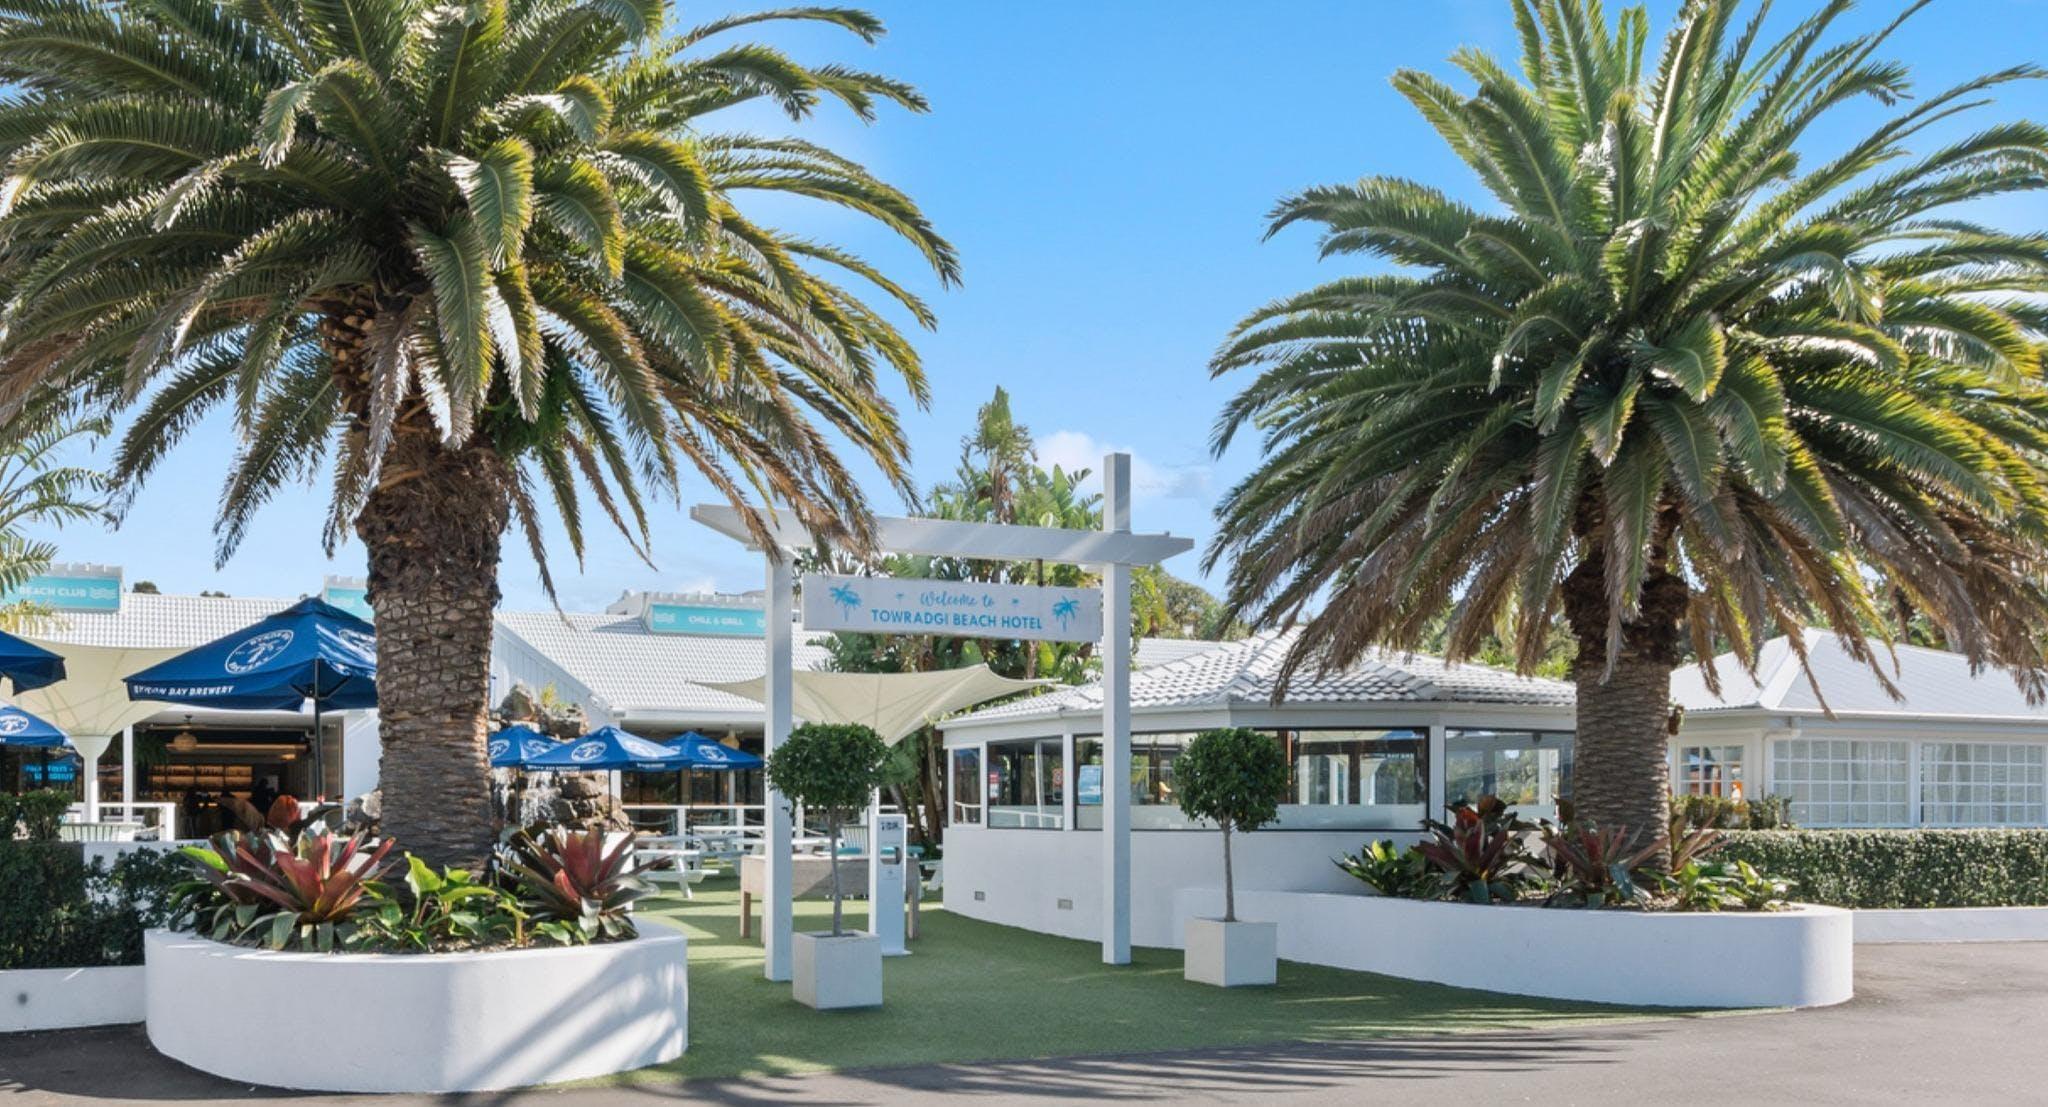 Photo of restaurant Towradgi Beach Hotel in Towradgi, Wollongong